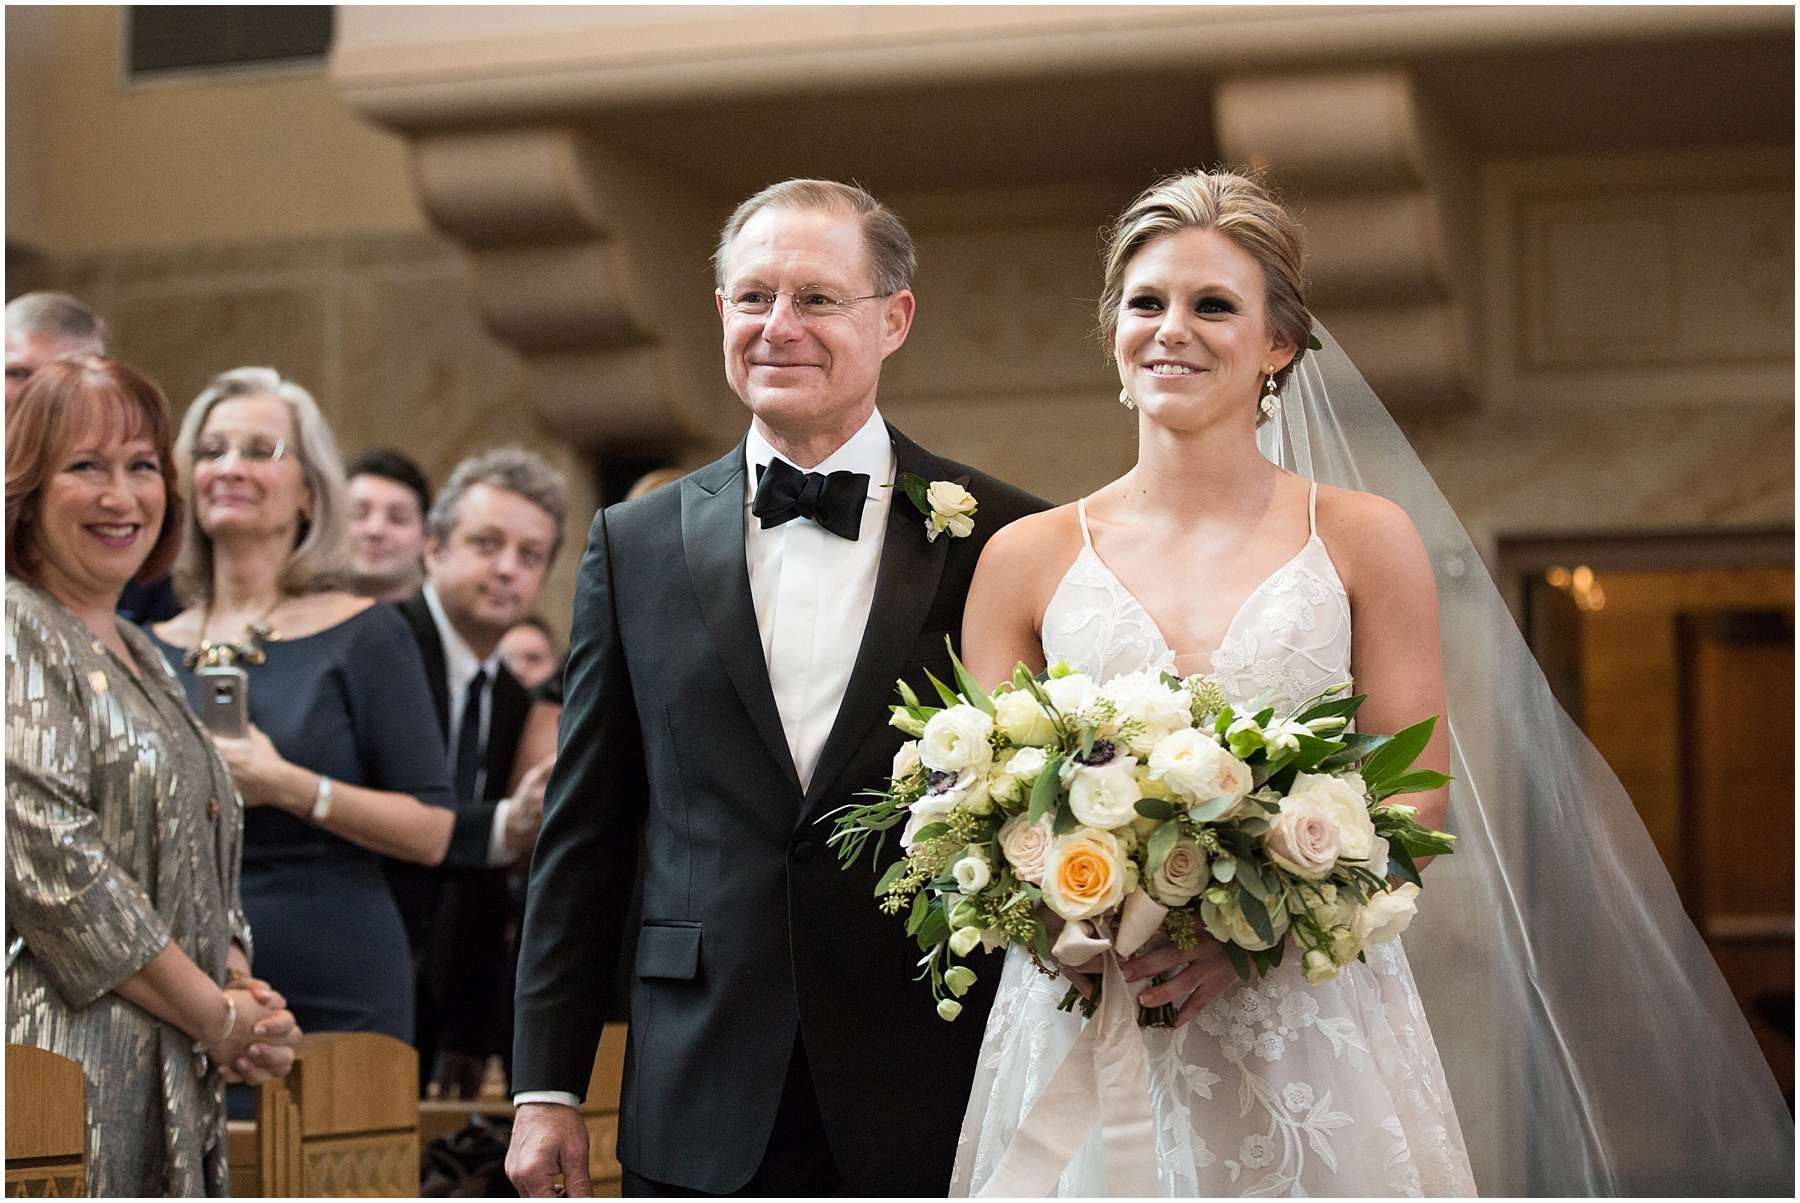 Wedding at the Ohio Statehouse | Columbus Ohio Weddings 84